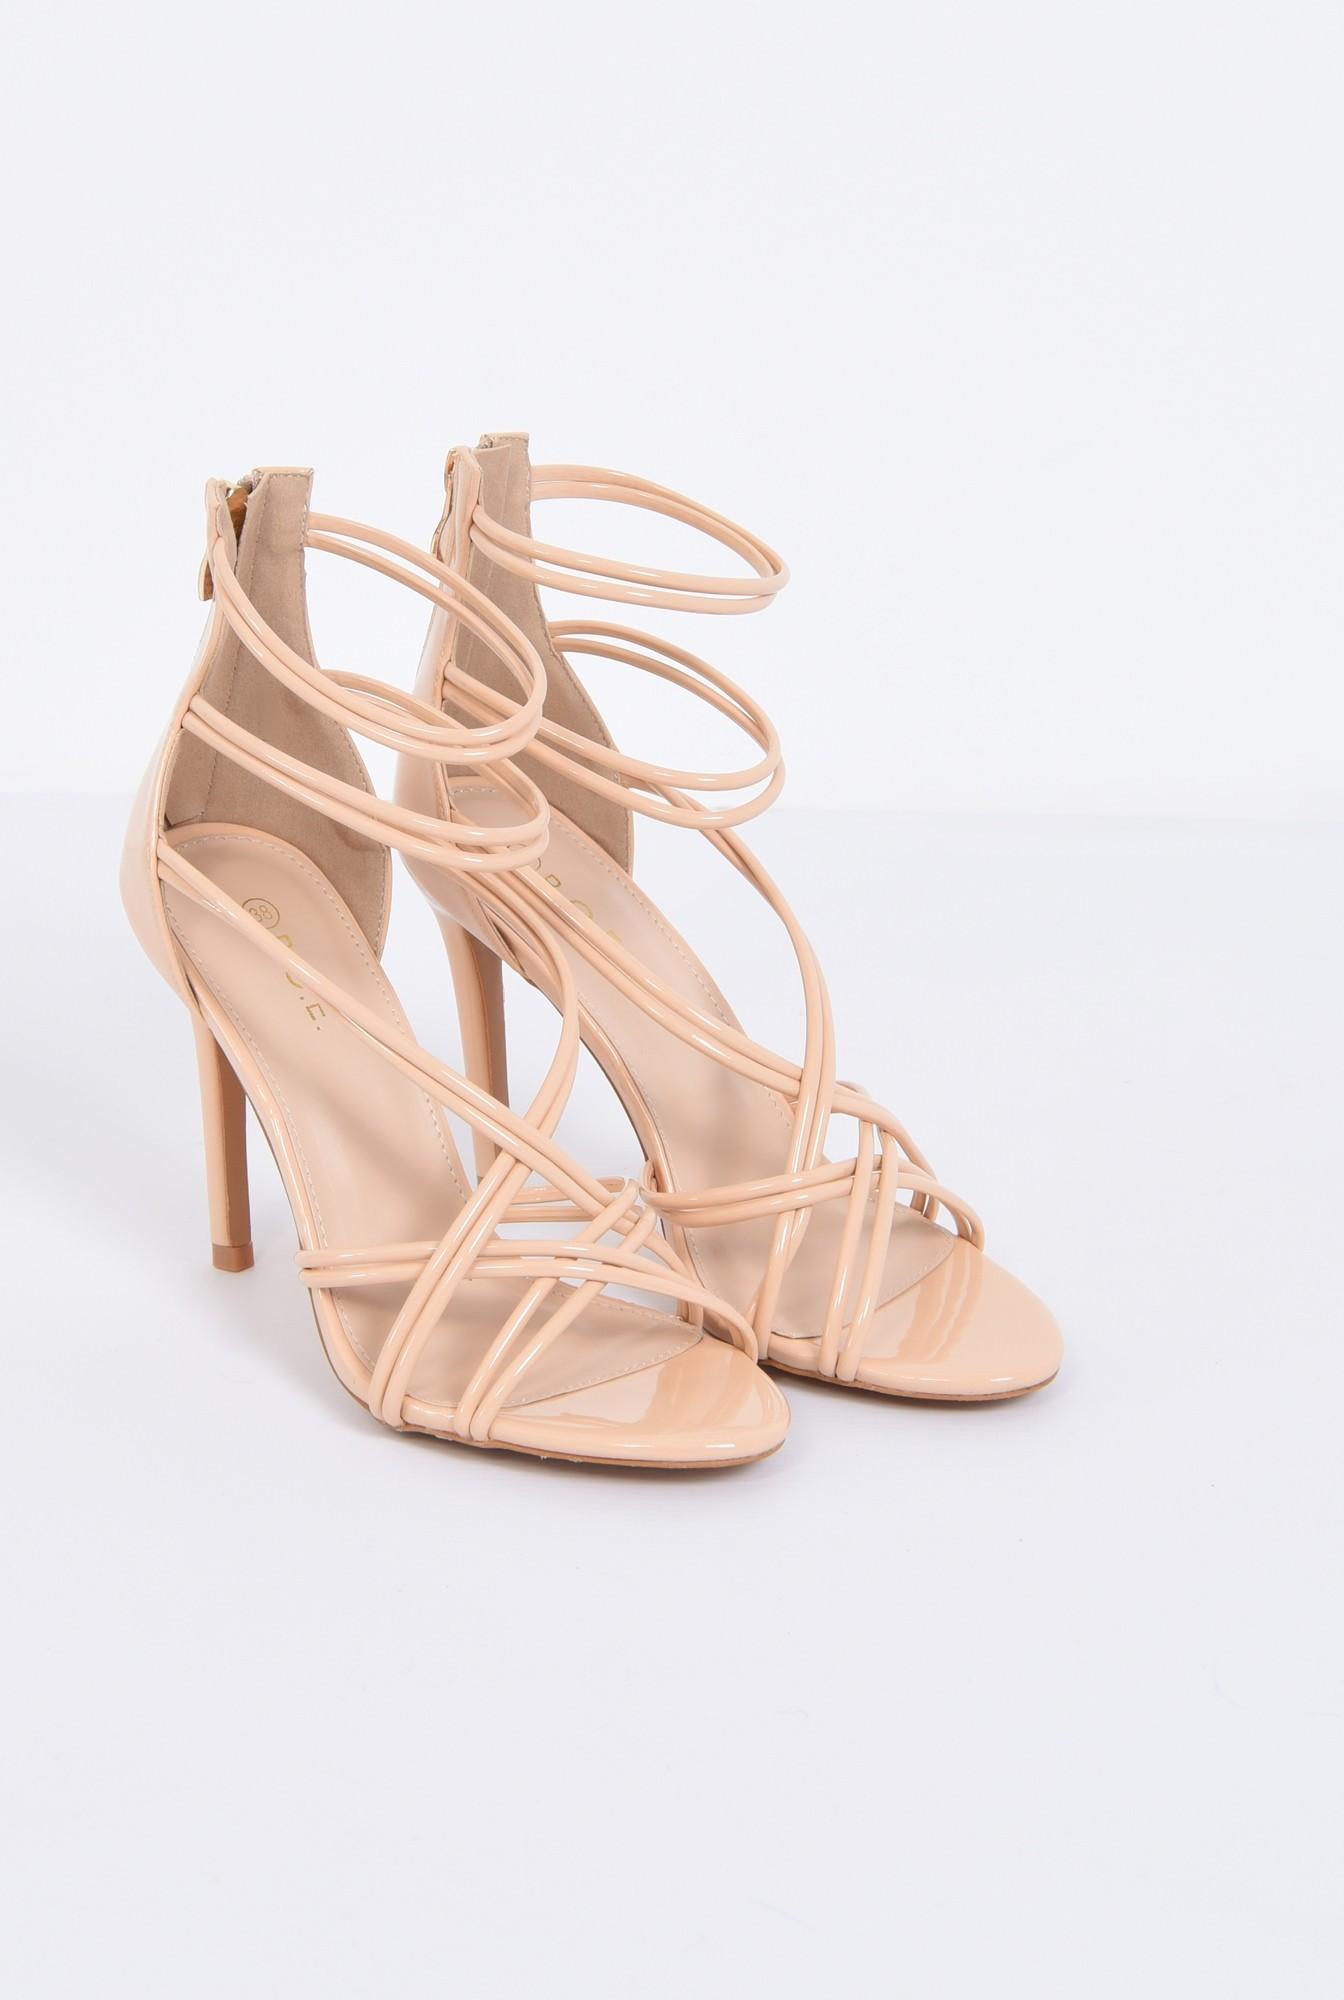 1 - sandale de ocazie, toc subtire, barete incrucisate